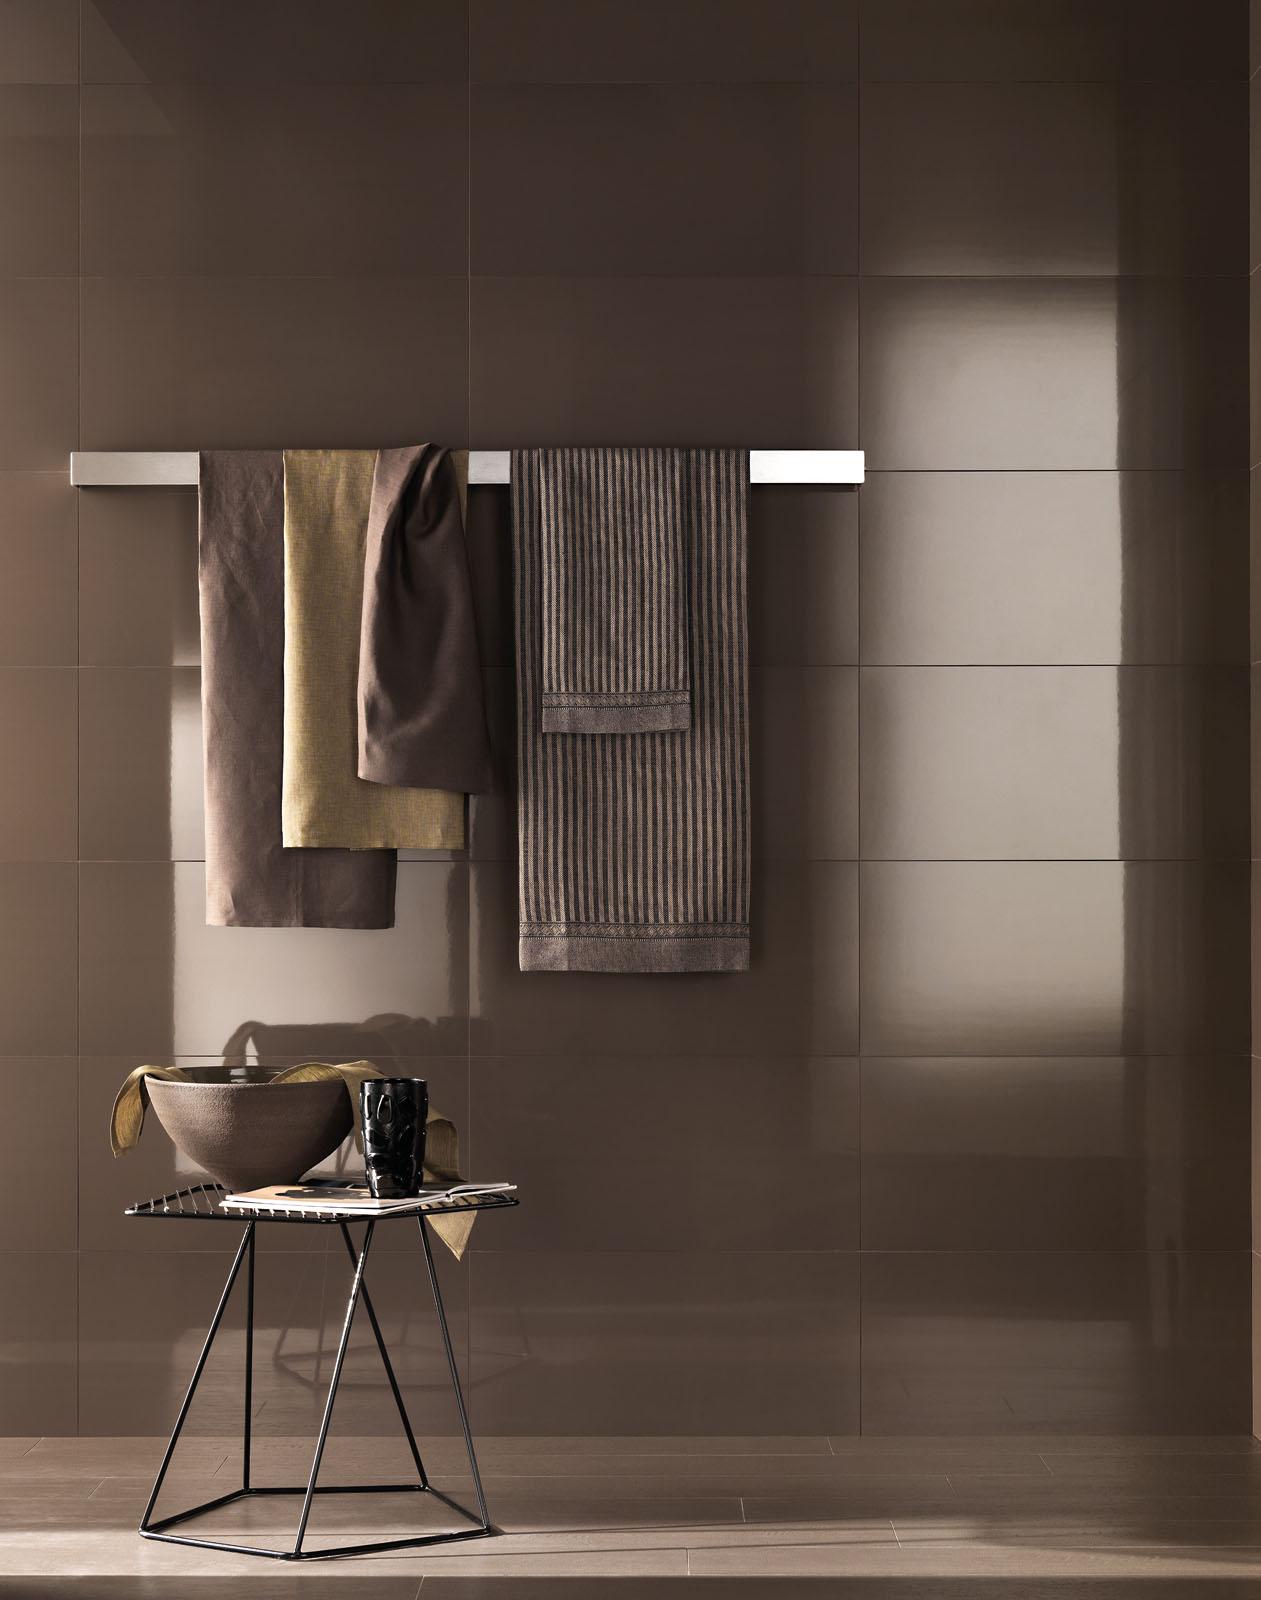 fliesen in der farbe braun unsere kollektionen marazzi. Black Bedroom Furniture Sets. Home Design Ideas